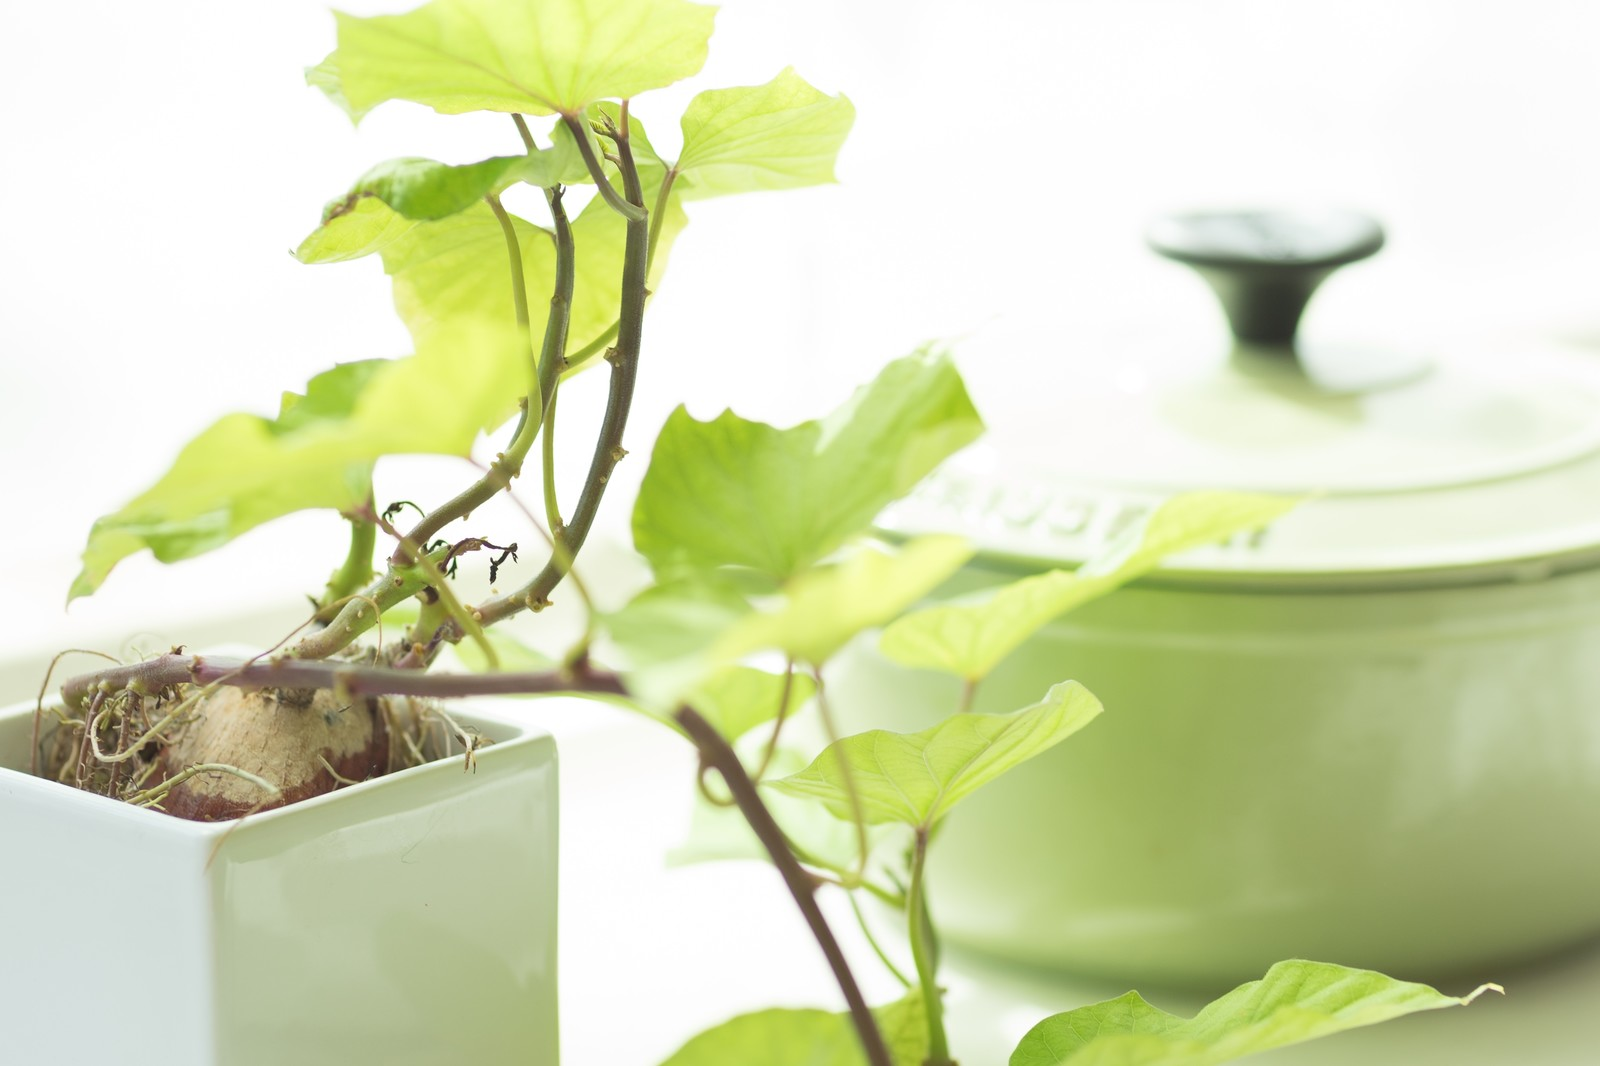 「栽培中のサツマイモの葉とおしゃれな鍋栽培中のサツマイモの葉とおしゃれな鍋」のフリー写真素材を拡大